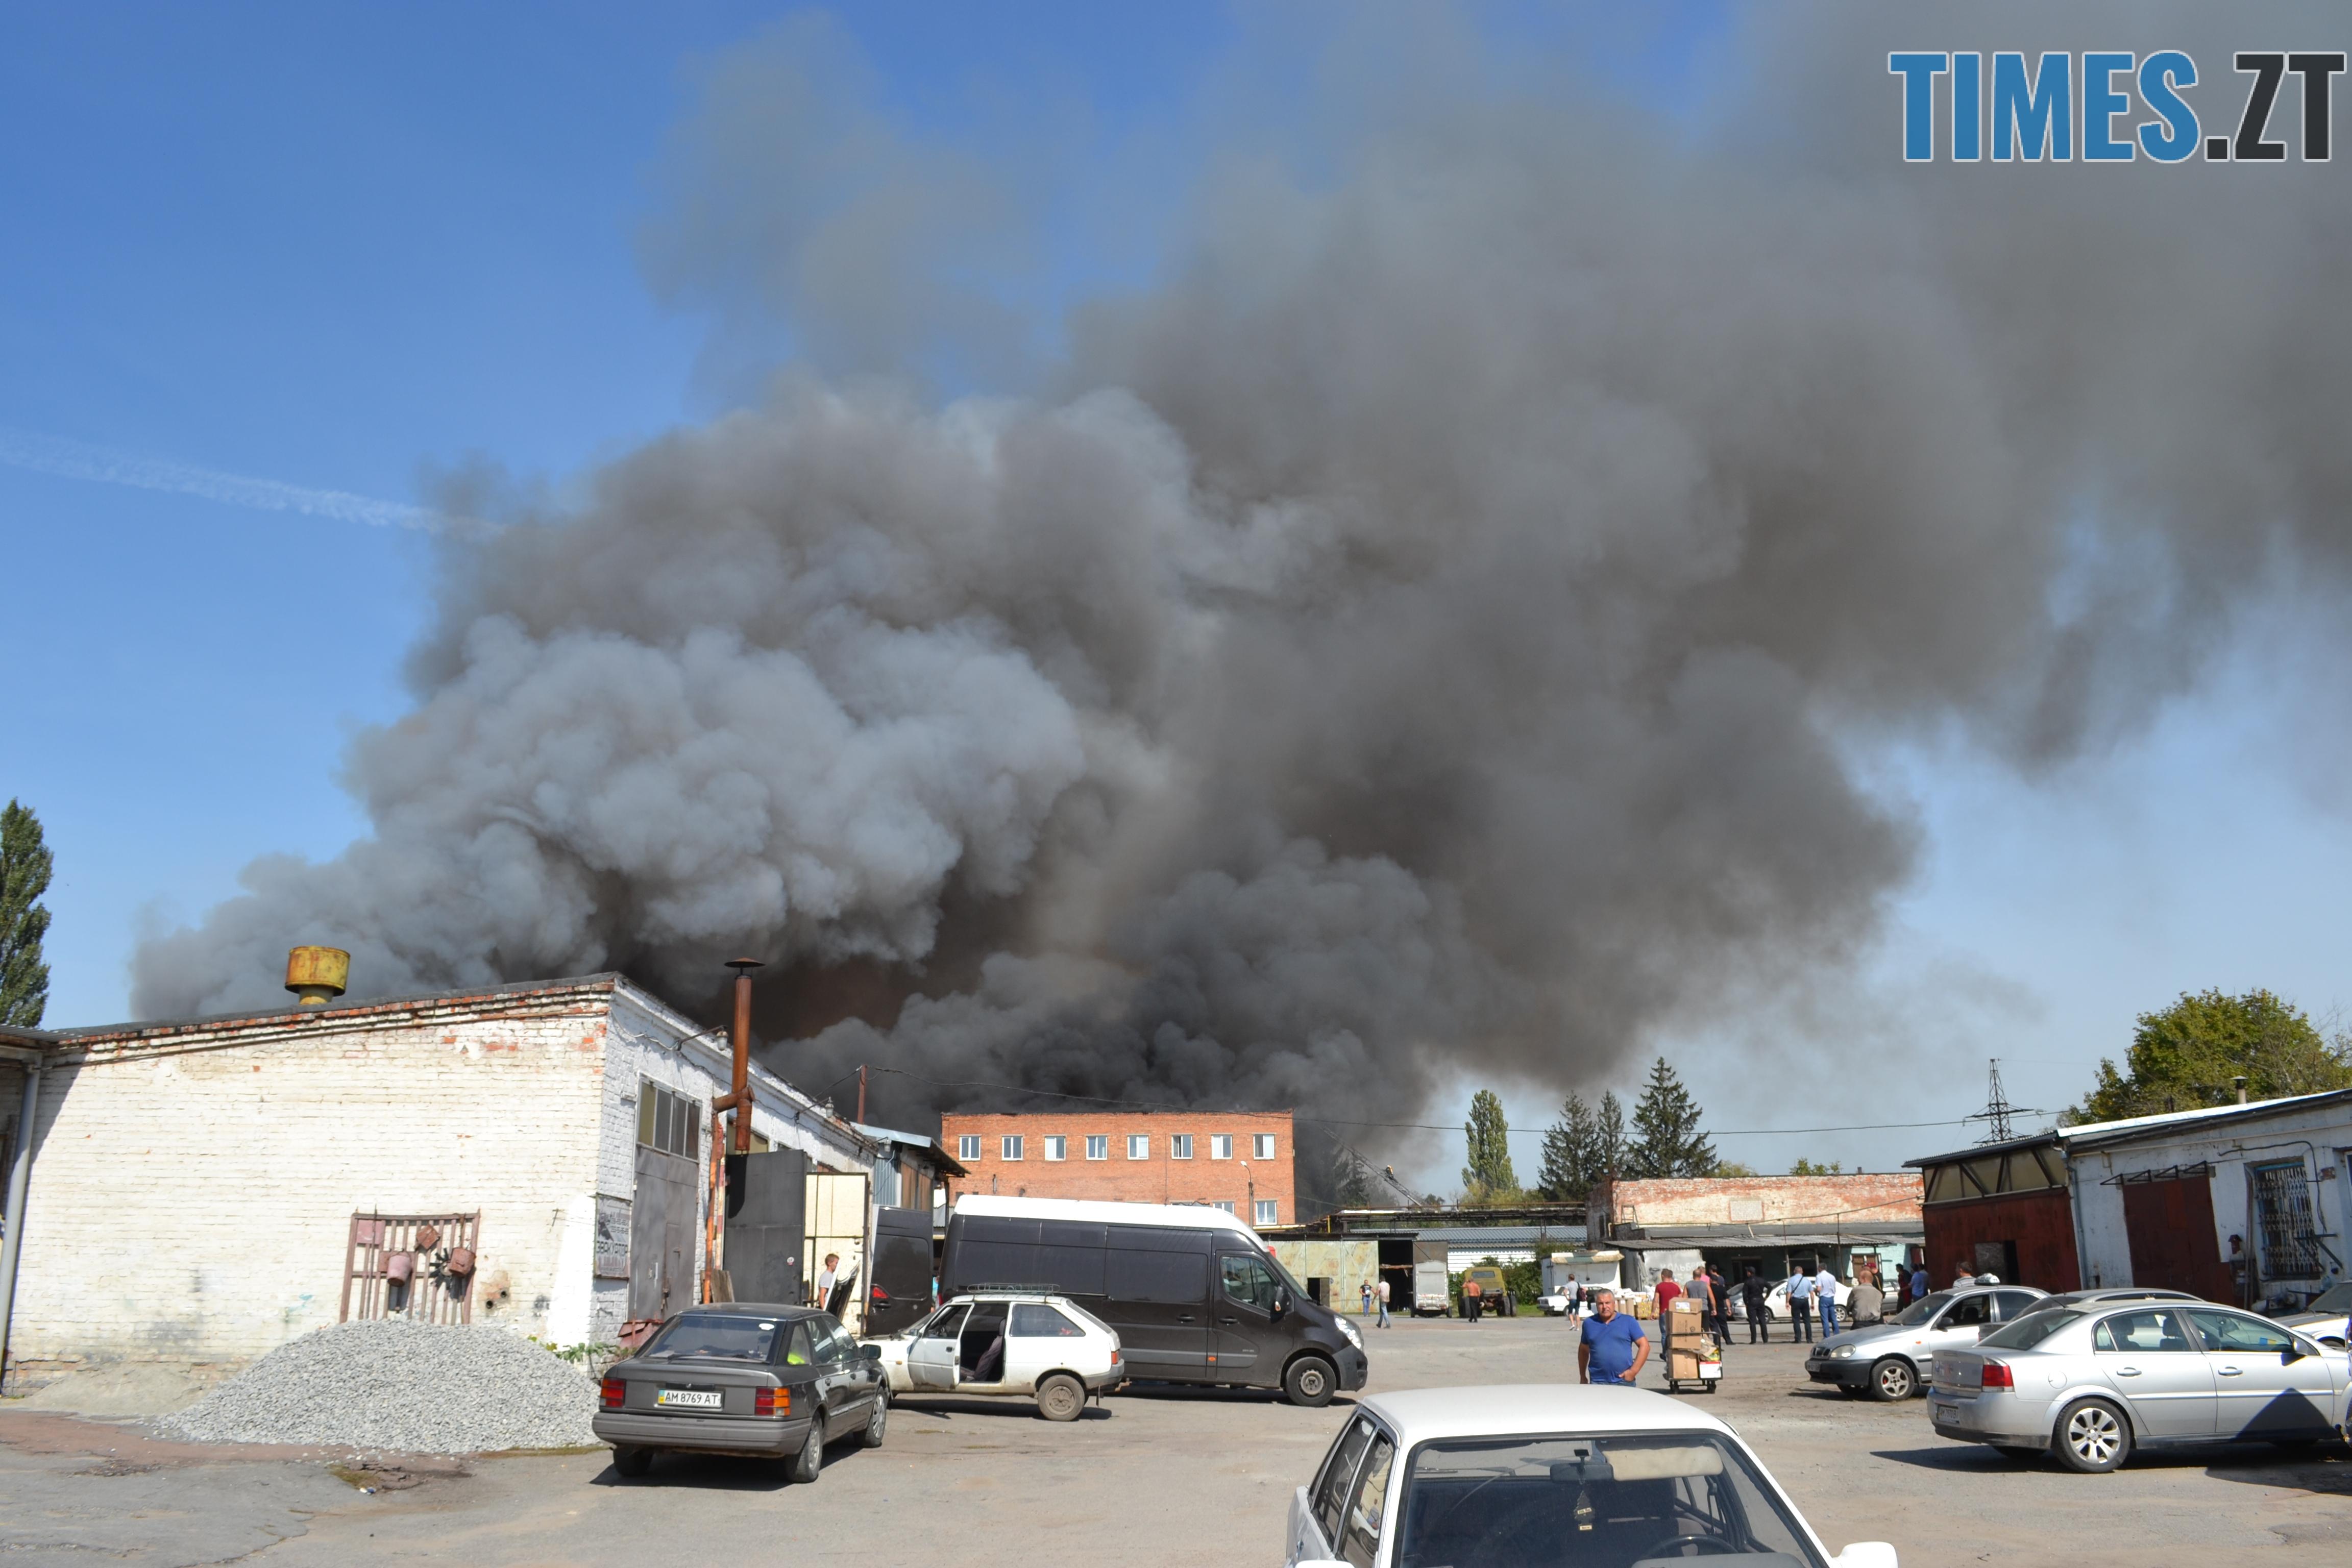 DSC 2889 - Вогонь перекинувся на адмінбудівлю Картонного комбінату: пожежу гасять 11 автомобілів та 63 пожежники (ФОТО, ВІДЕО)